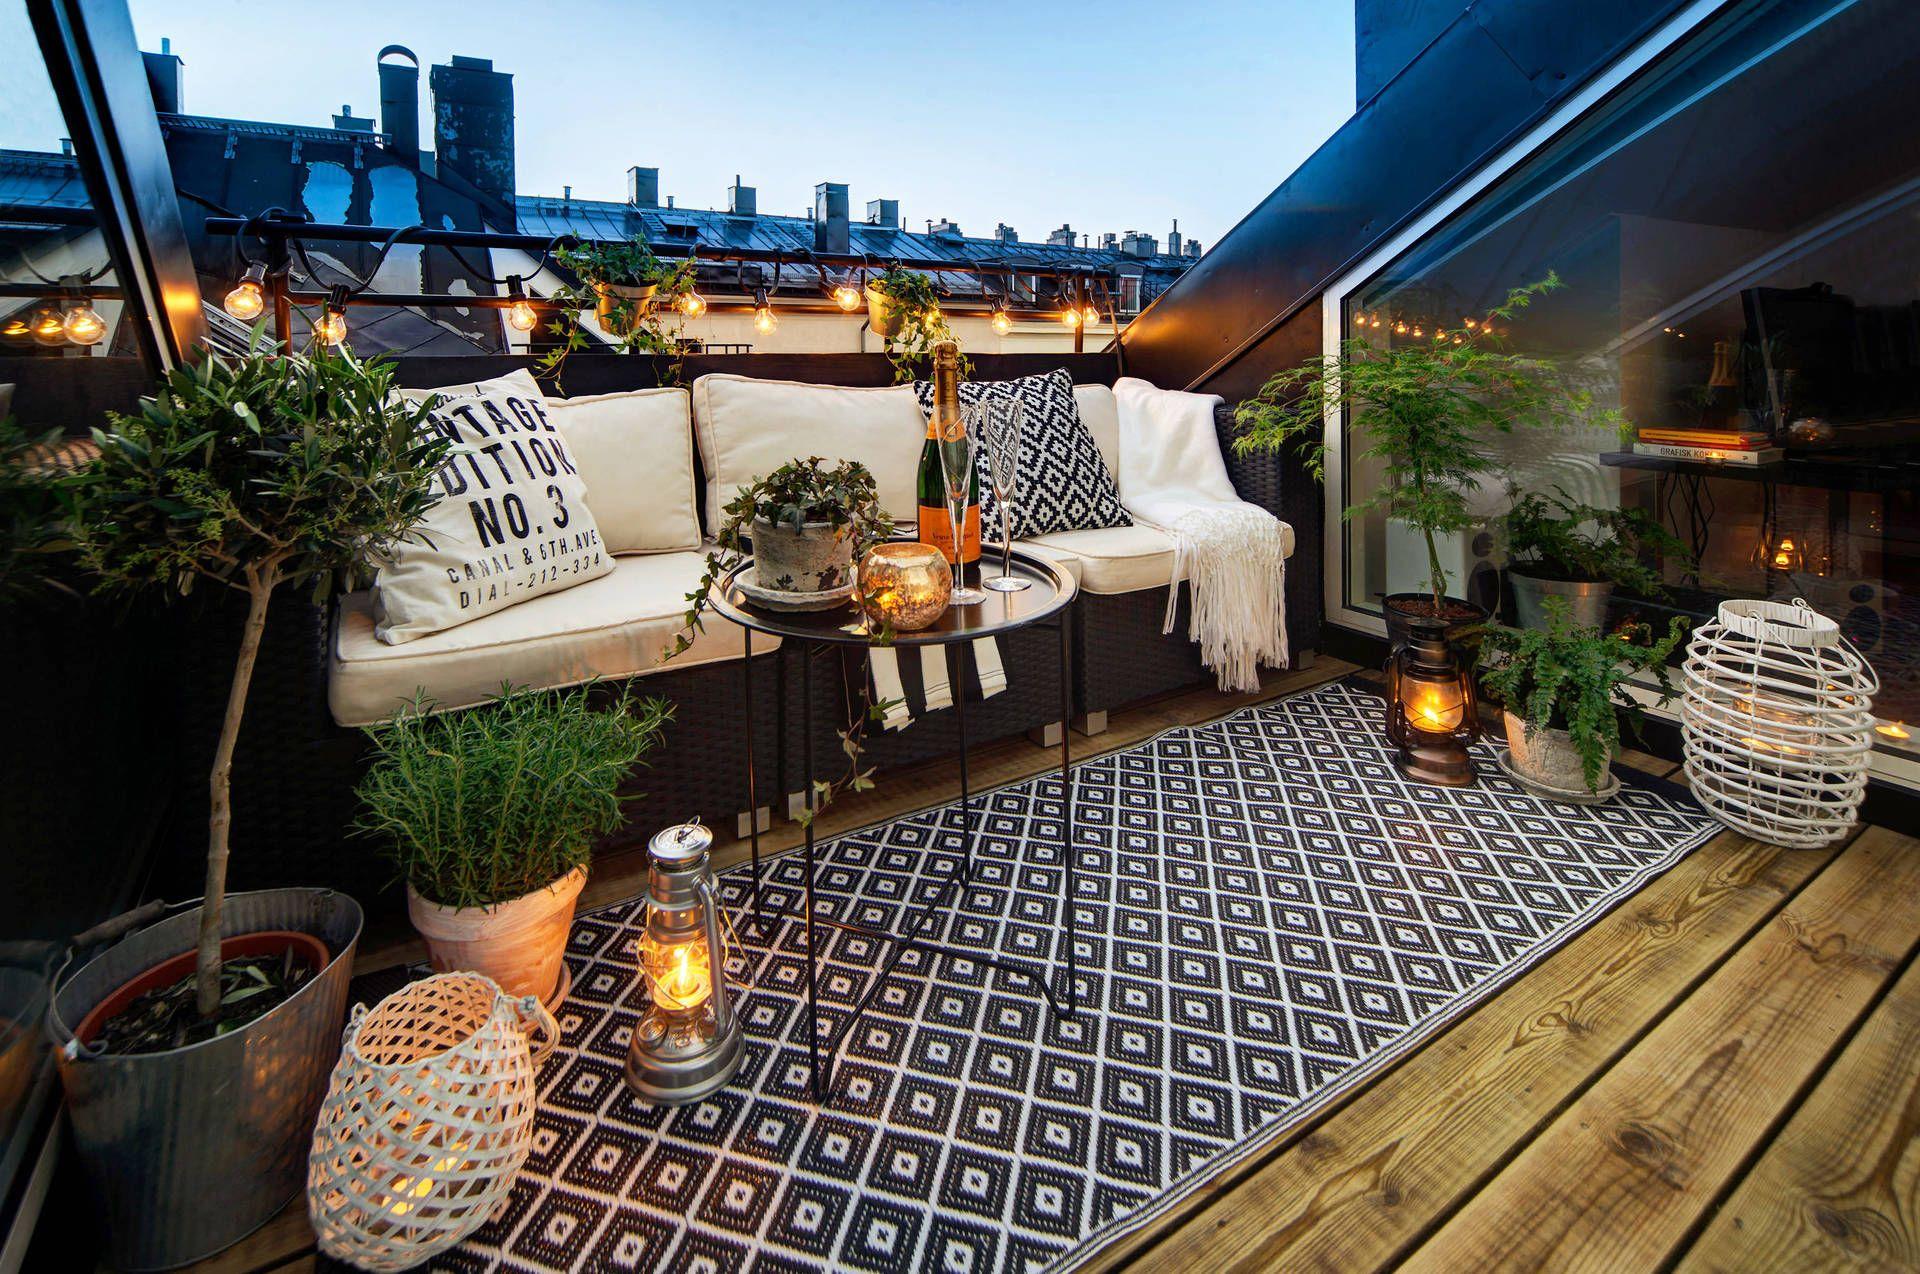 terrazza sui tetti (con immagini) Disegno della terrazza